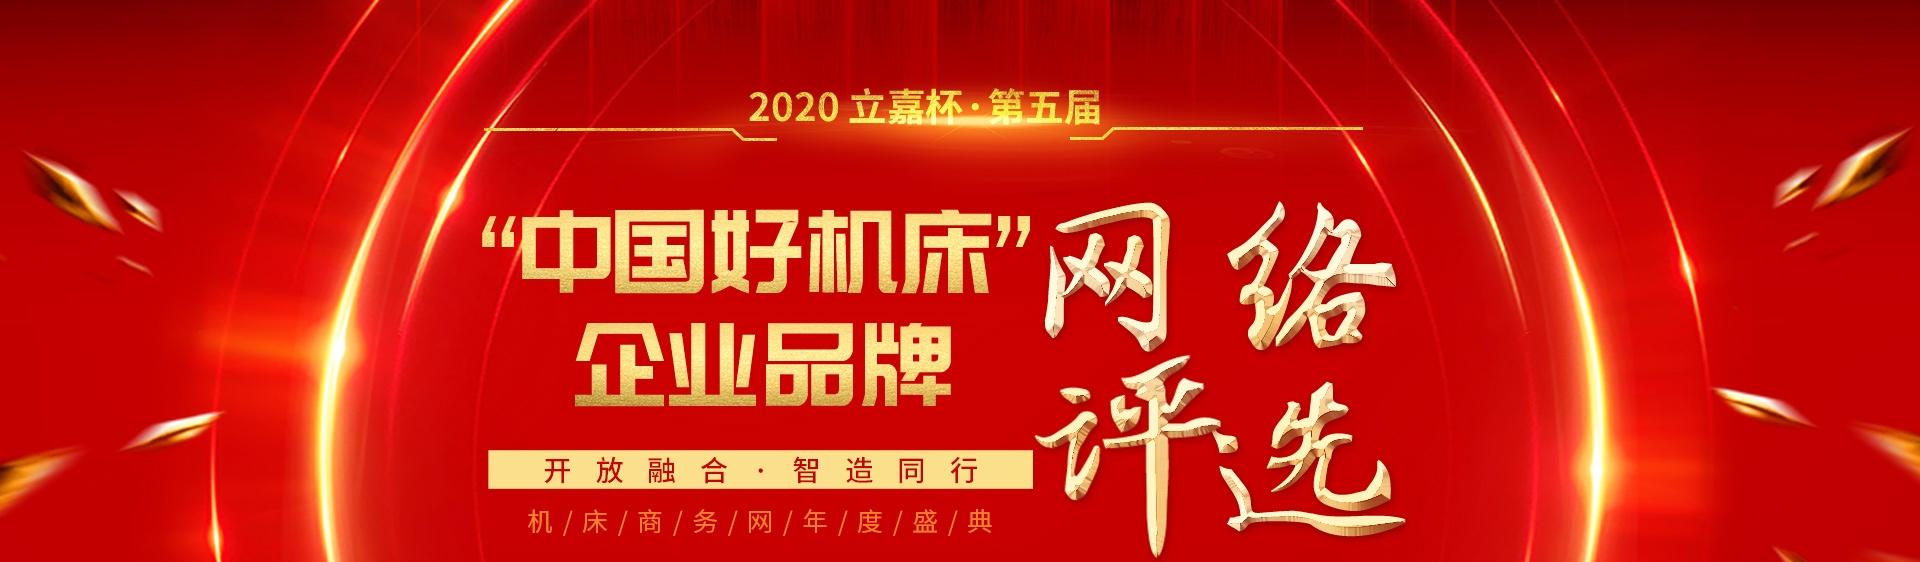 """2020年""""立嘉杯-中国好机床""""企业品牌评选活动"""